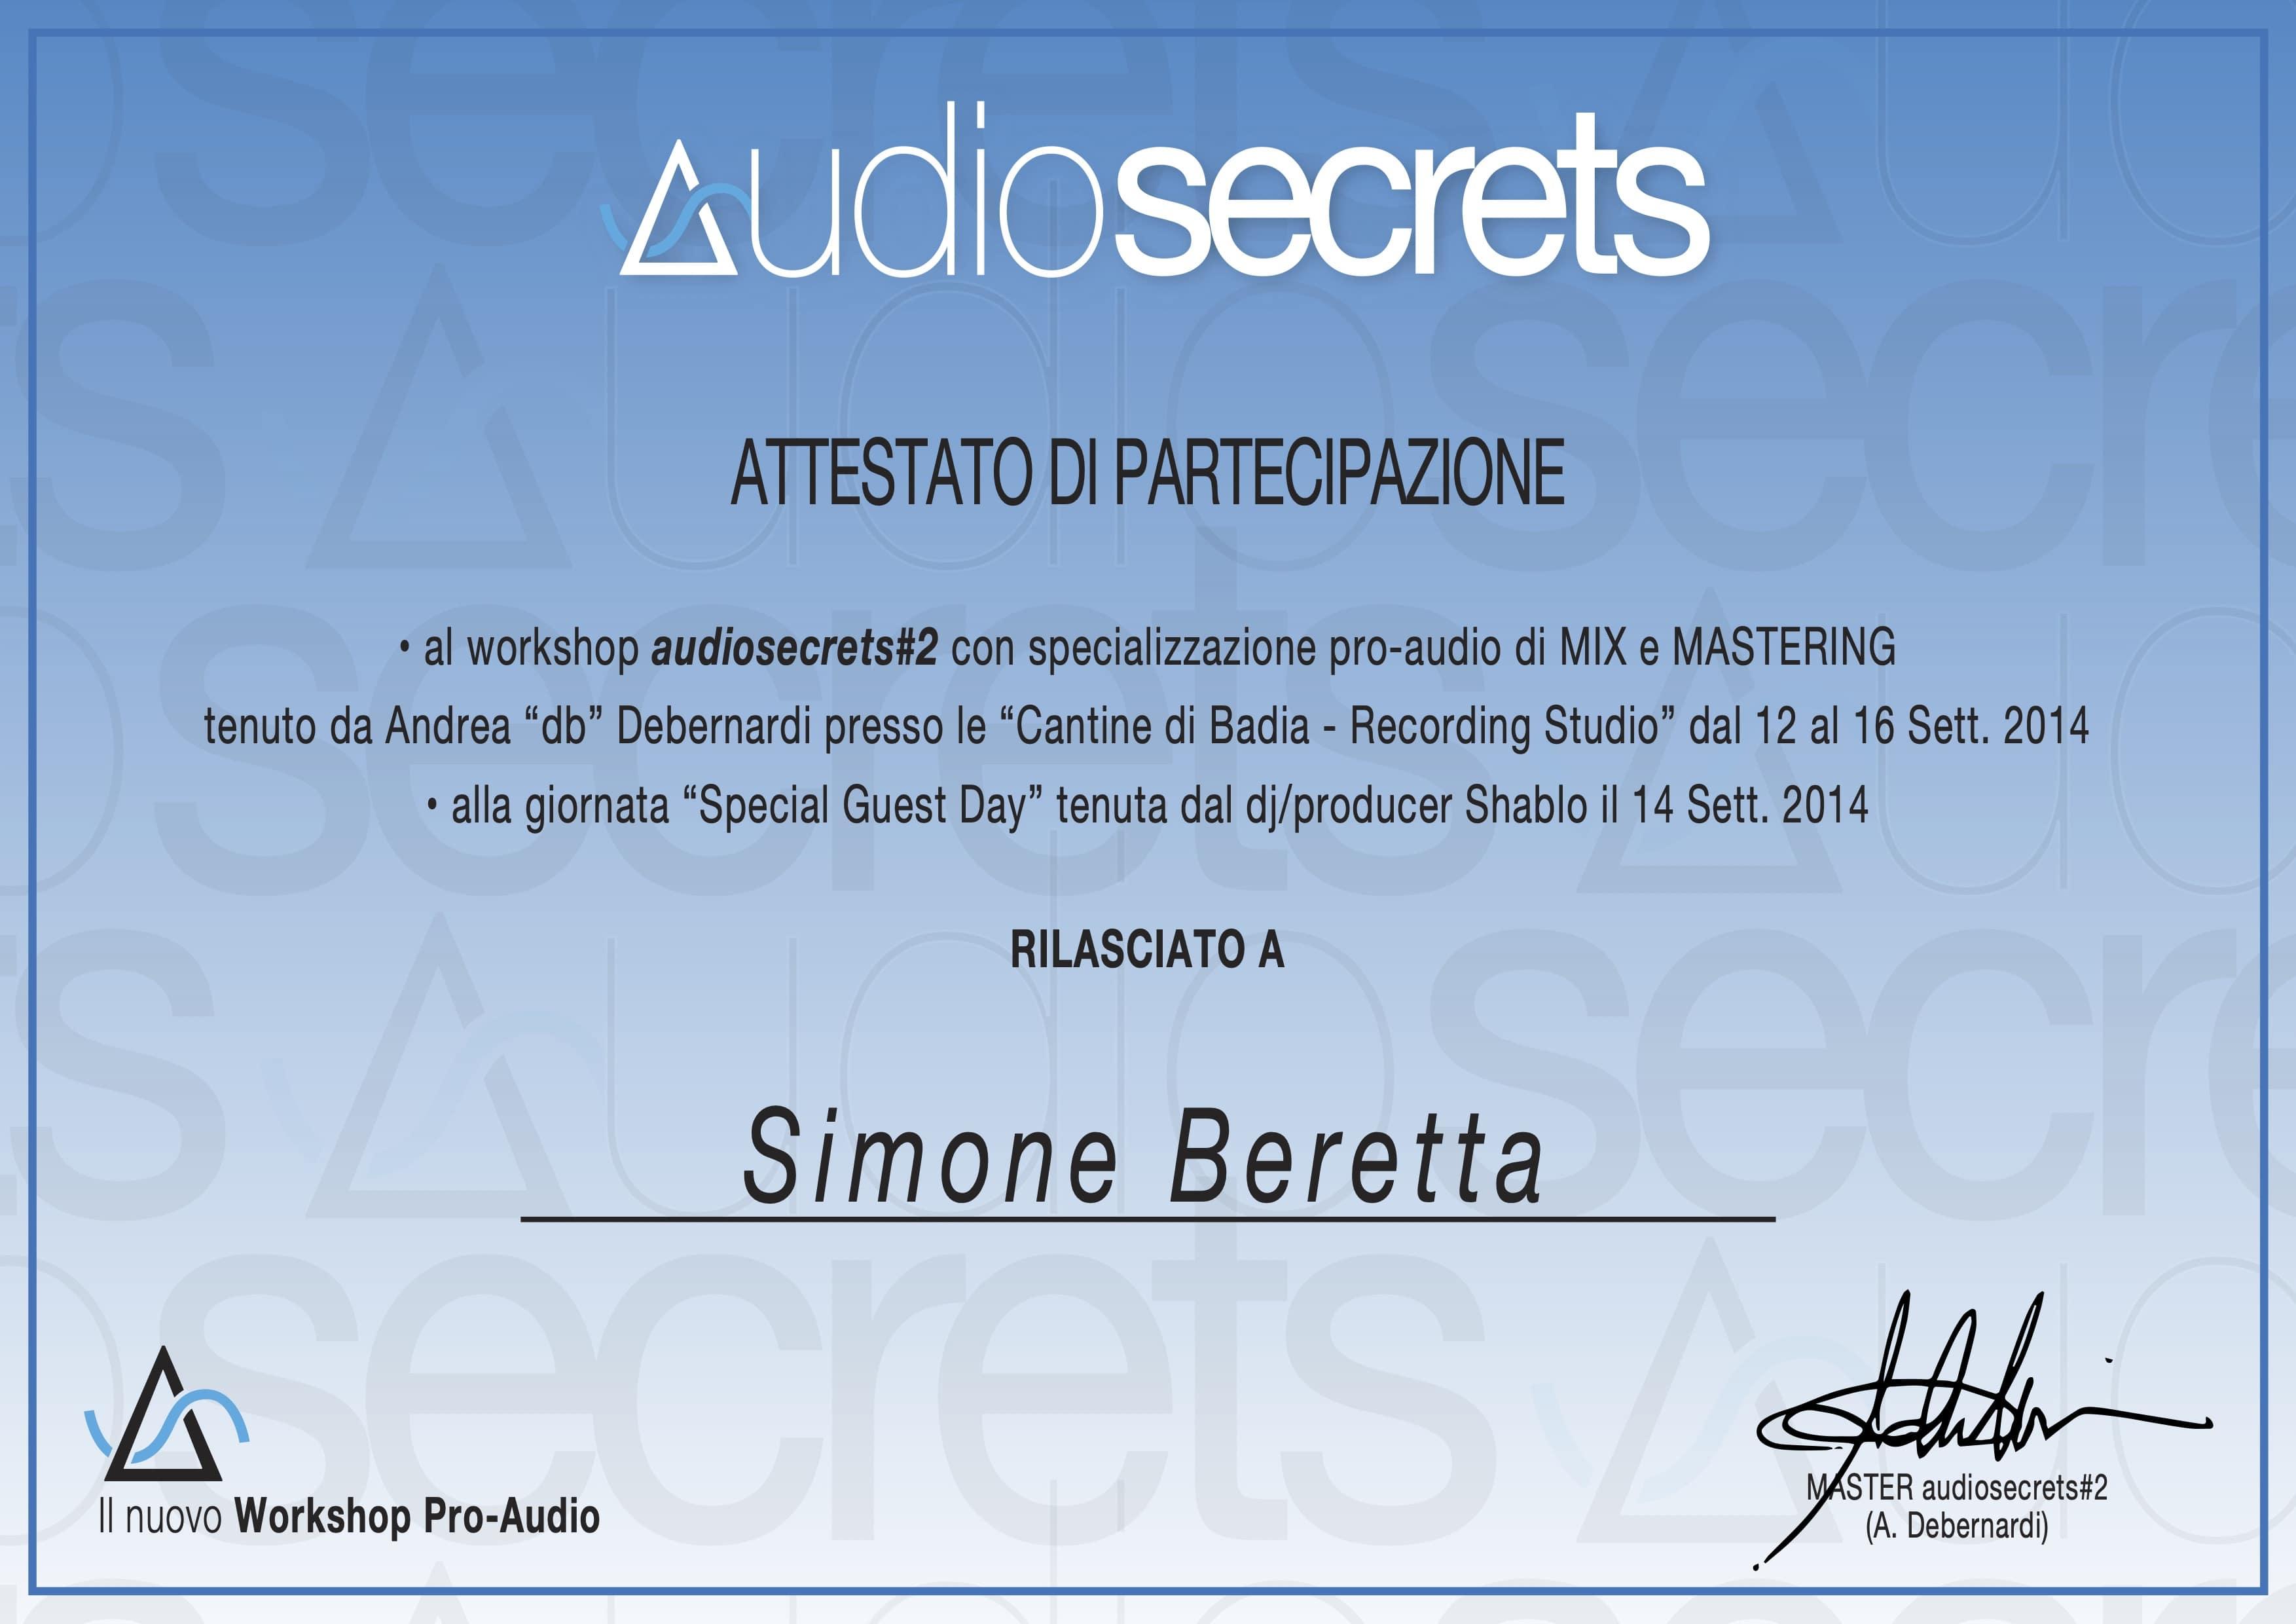 Attestato Audiosecrets#2 - Simone Beretta